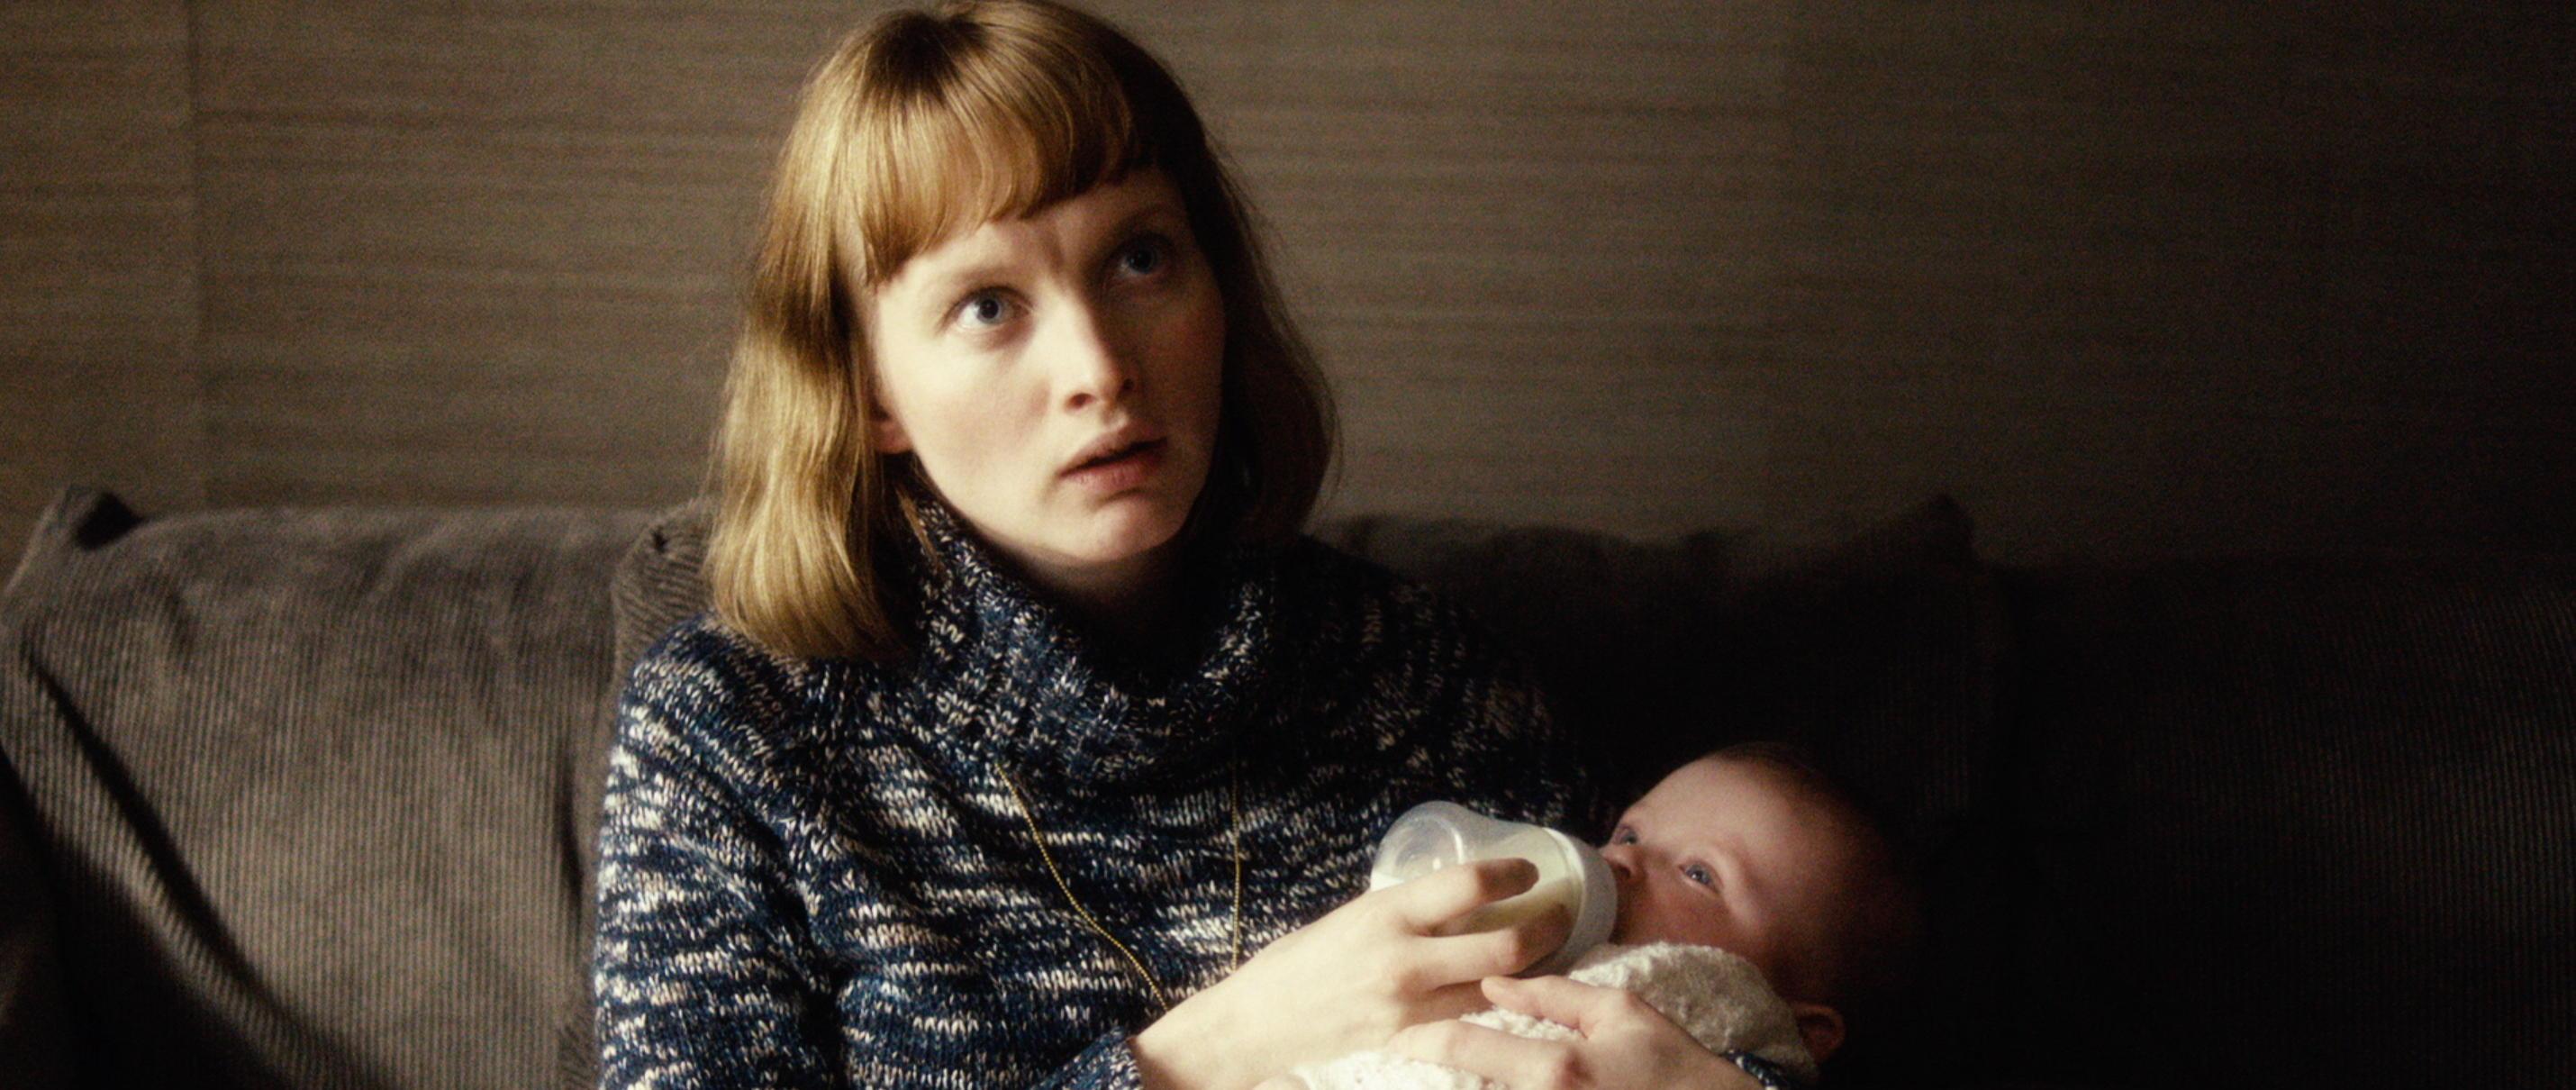 Zwei Leben - Two Lives - Julia Bache-Wiig spielt Katrines Tochter Anne - Regie Georg Maas - Regie und Kamera Judith Kaufmann